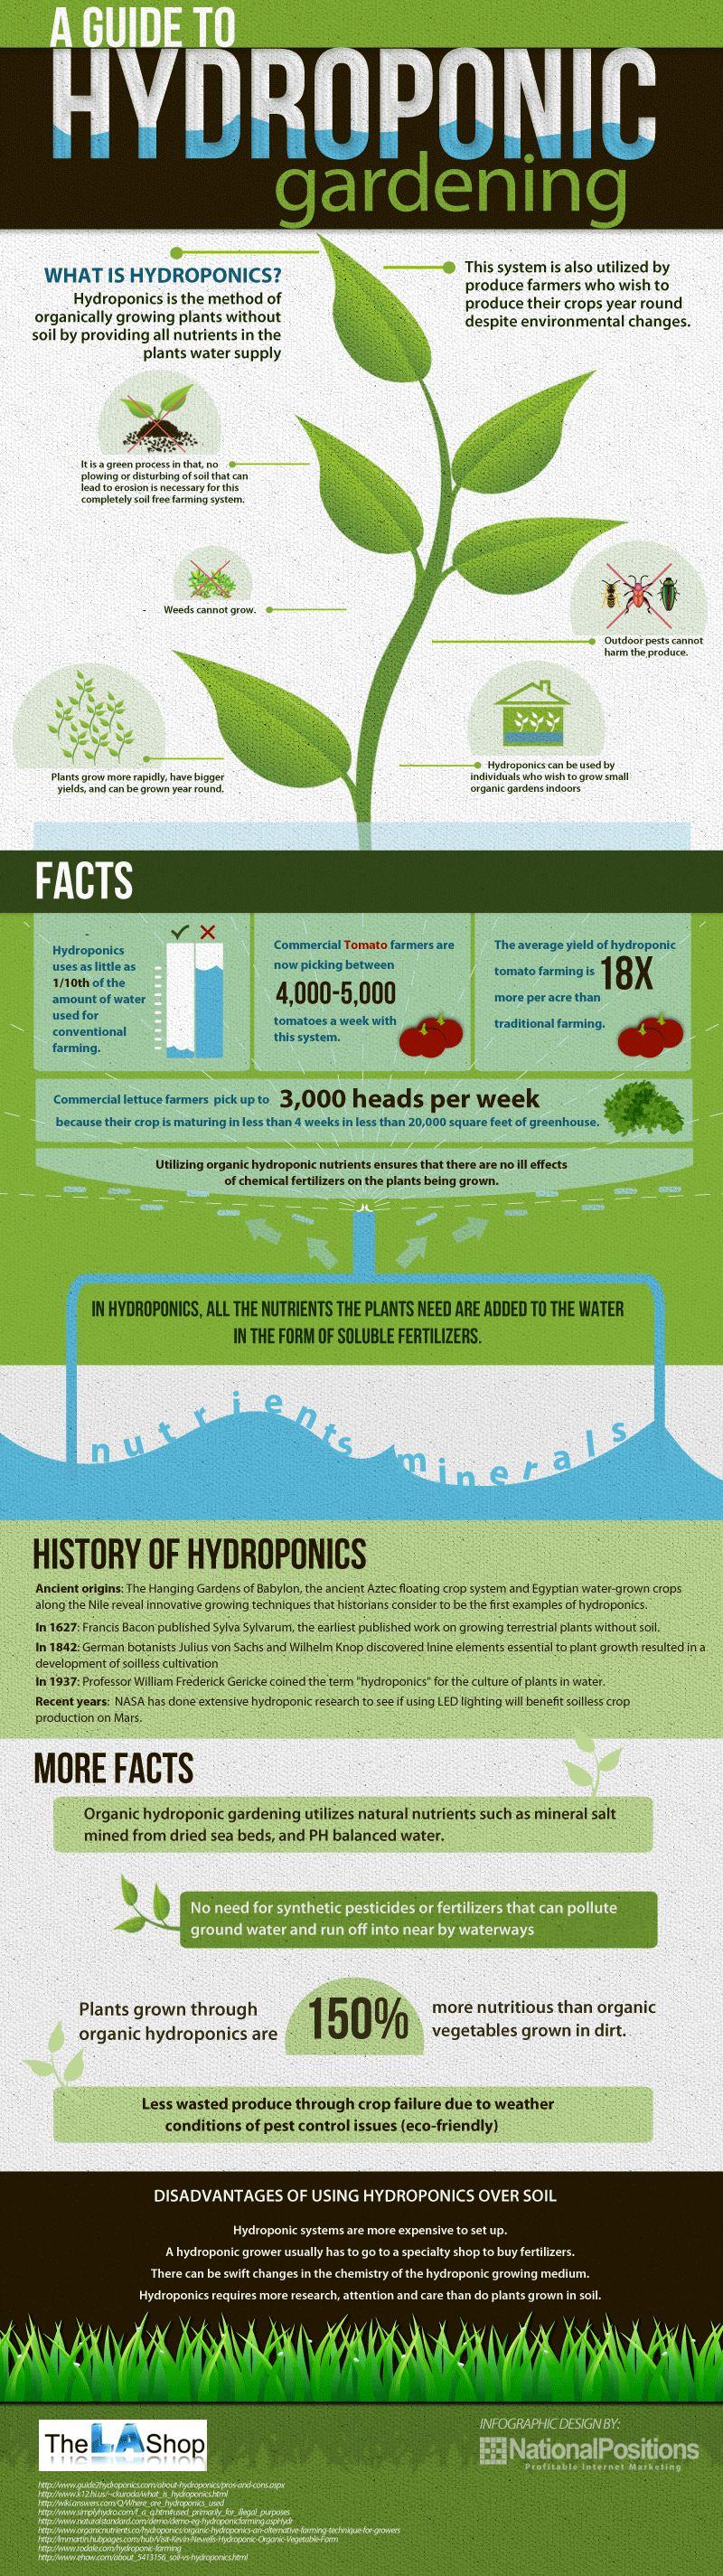 a-guide-to-hydroponic-gardening_50e13e6e99d21